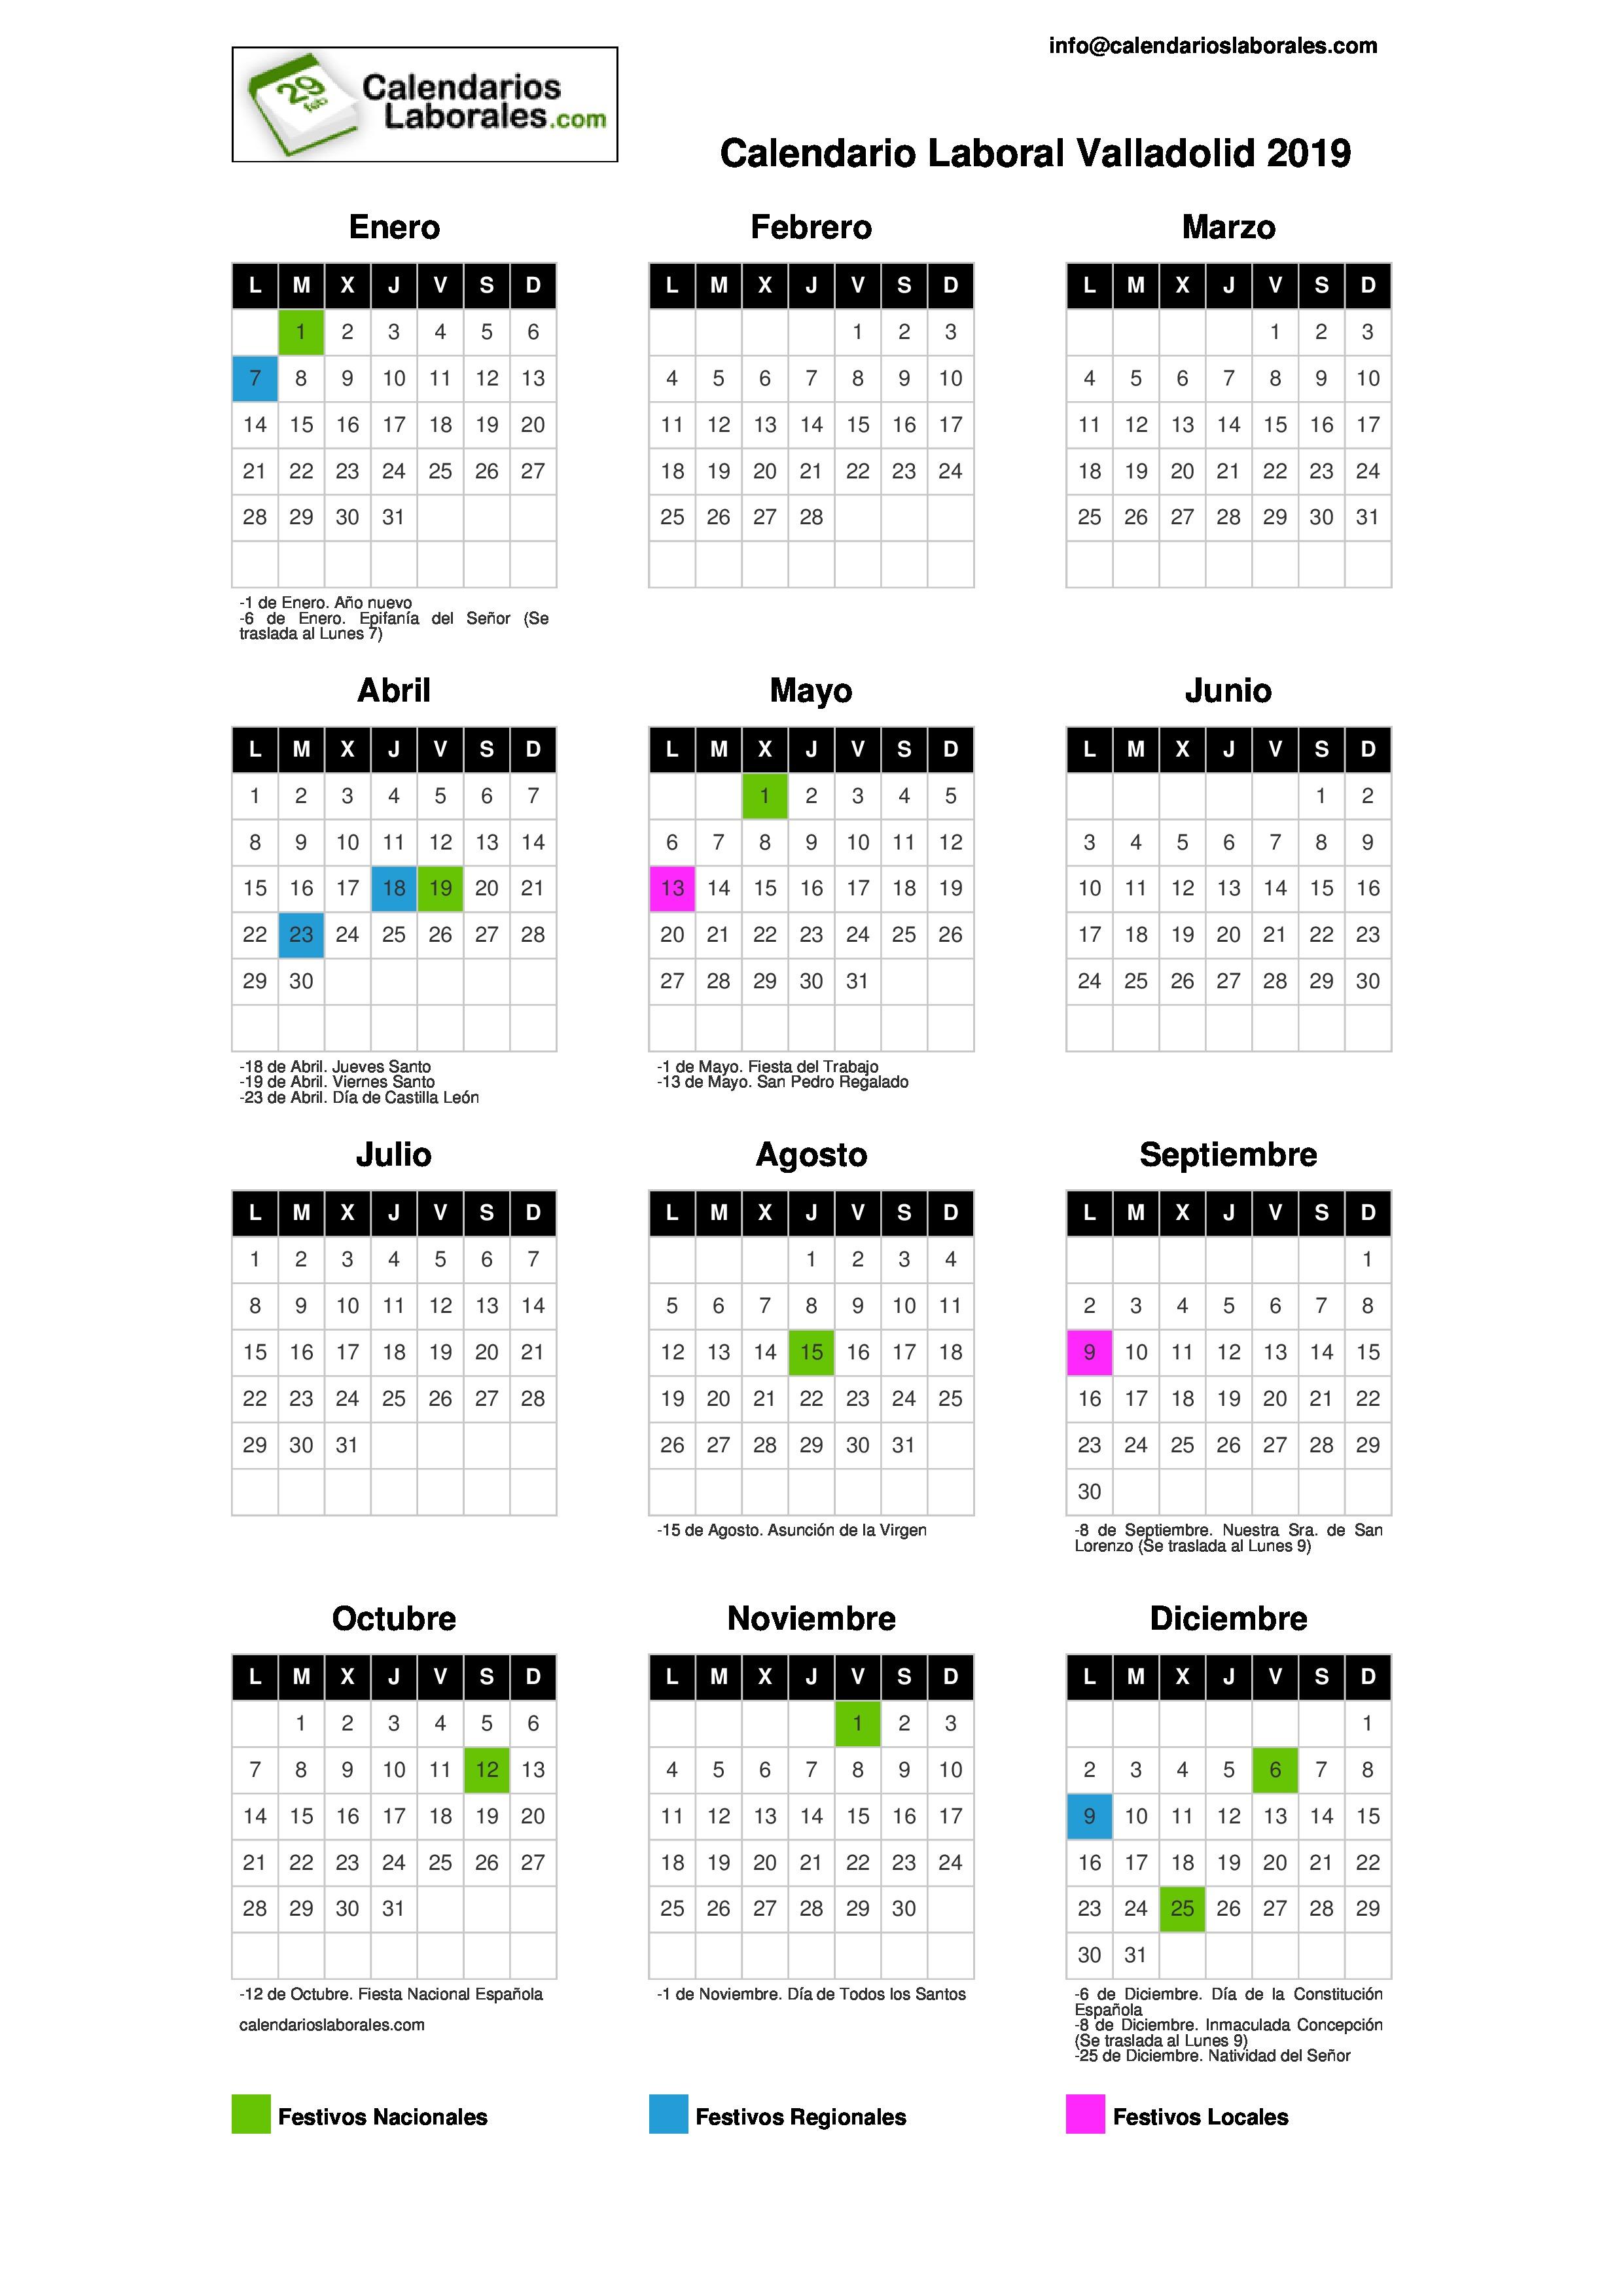 Calendario Laboral 2019 Valladolid Pdf.Calendario Laboral Valladolid 2019